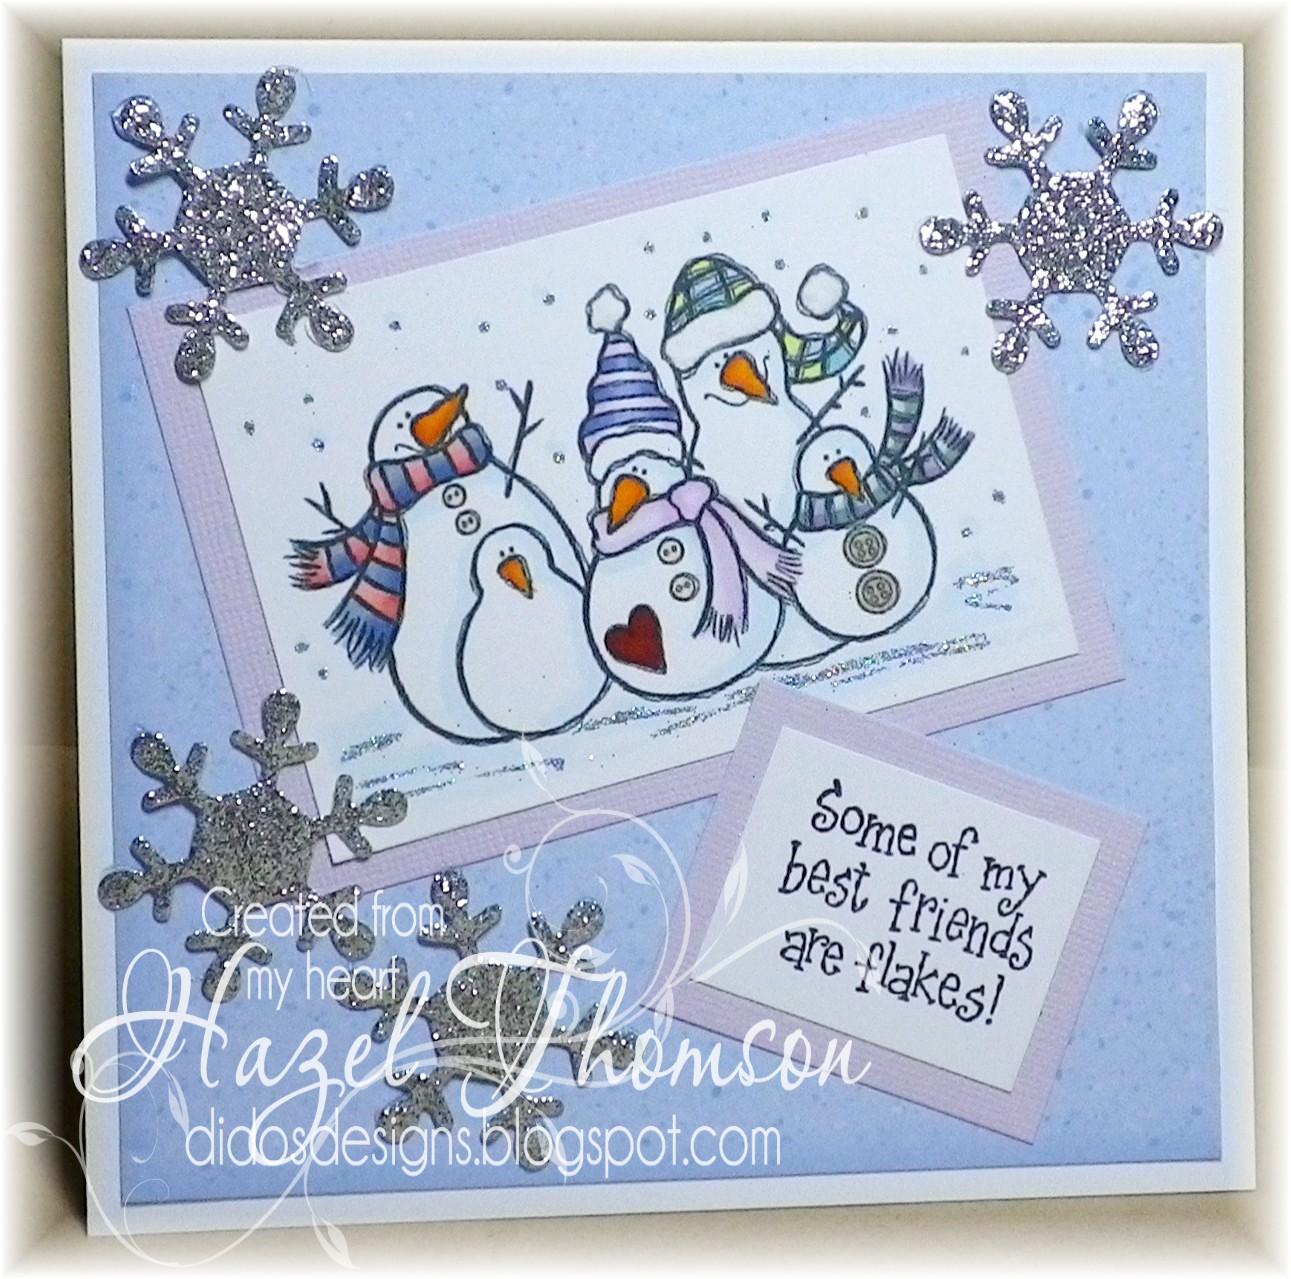 http://2.bp.blogspot.com/-KQiU8HrL40A/TxcXqpDvFPI/AAAAAAAAGQc/o8SJQ8FIju0/s1600/Cards+By+Dido%2527s+Designs+008.JPG